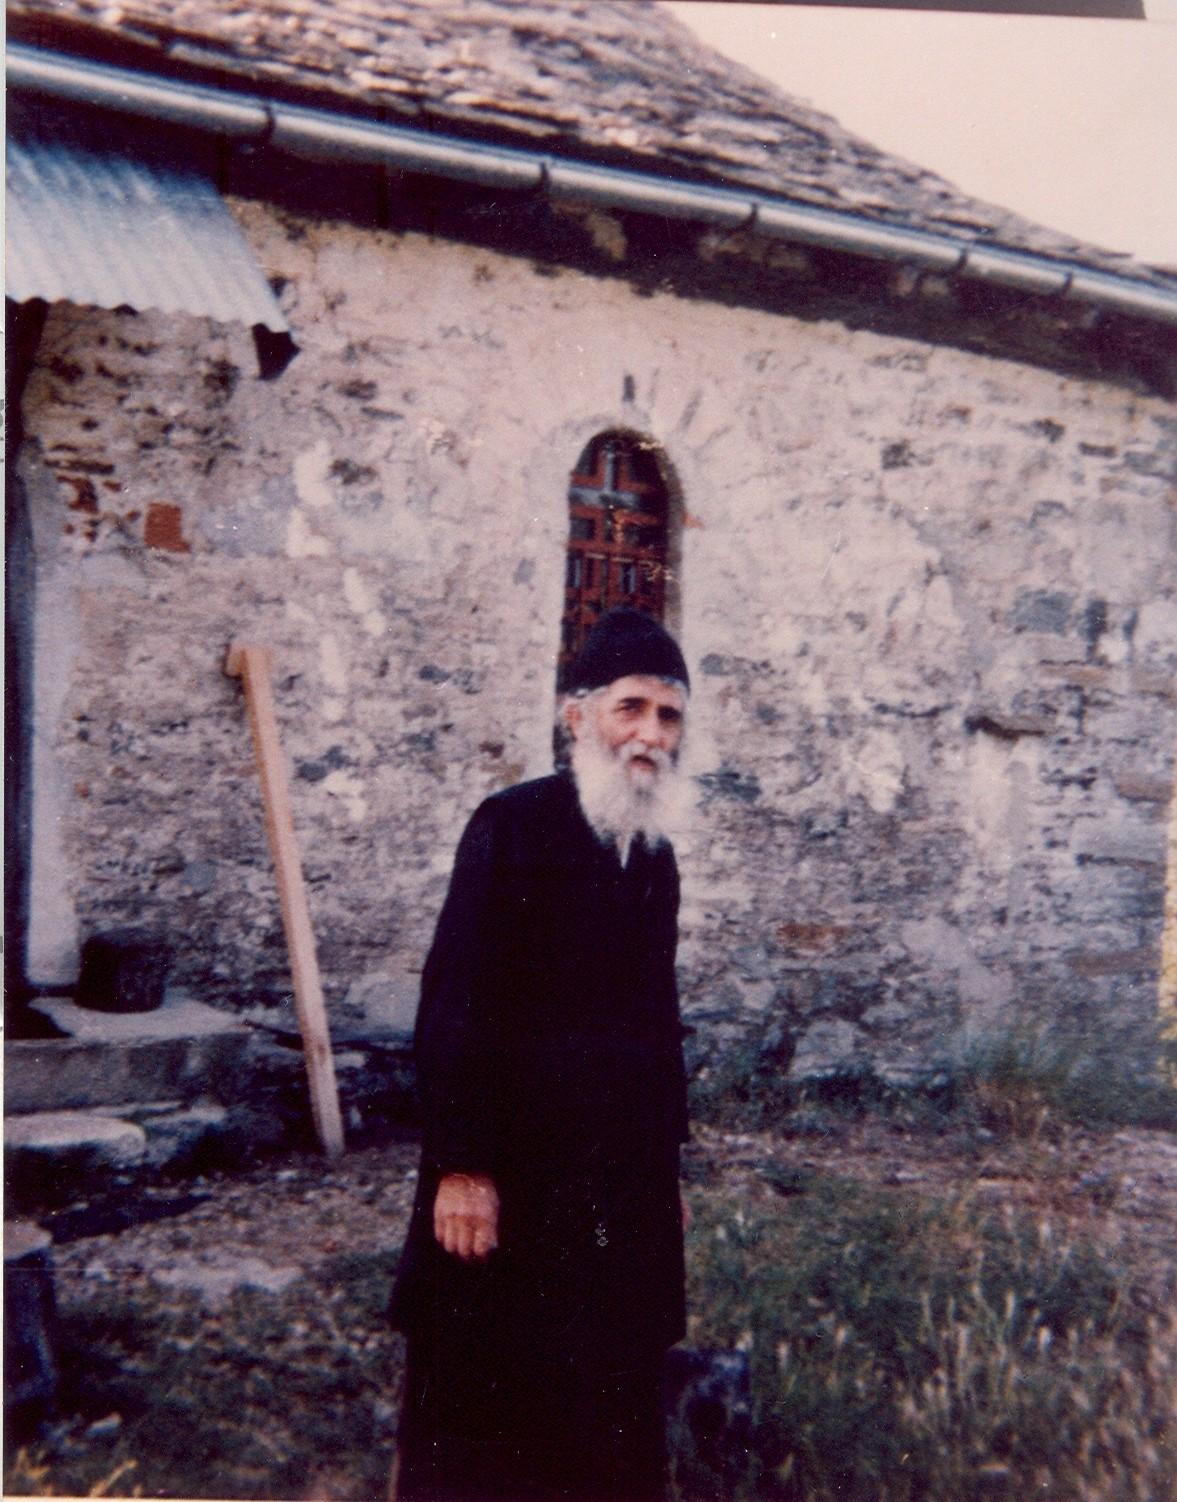 работягами фотография паисия святогорца краснодаре представлена